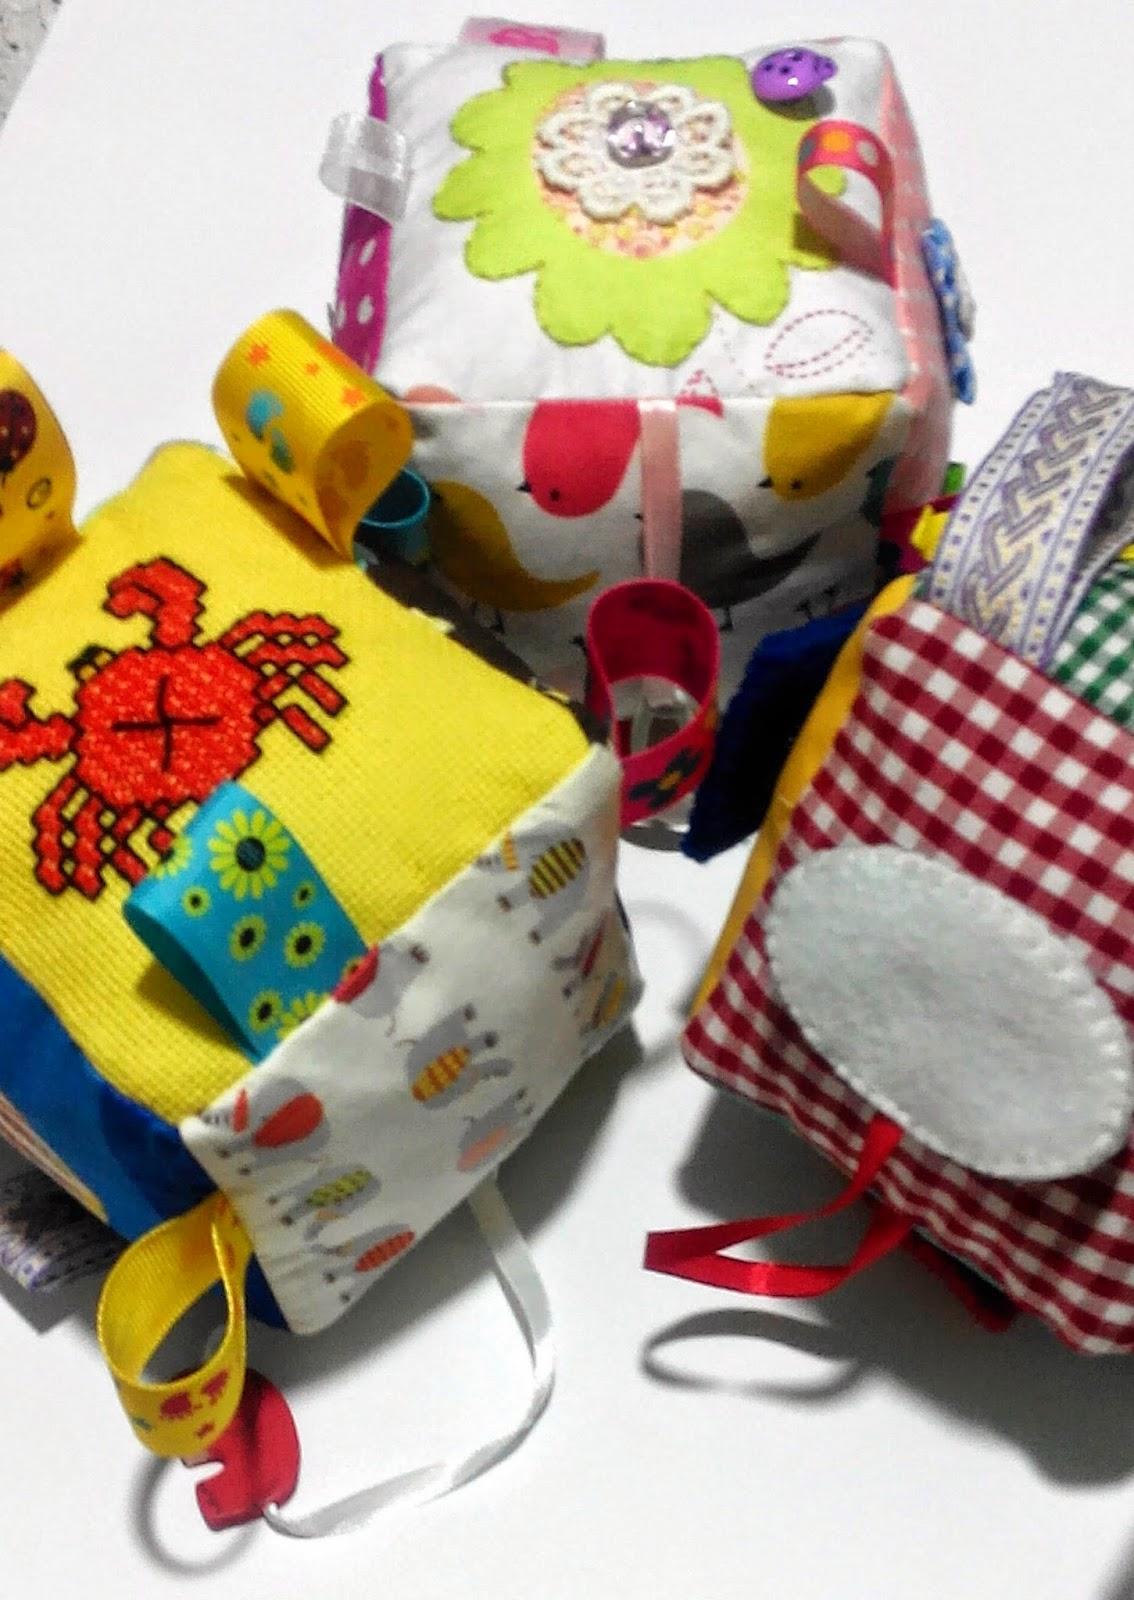 развивающие игрушки, кубики, подарок для ребёнка